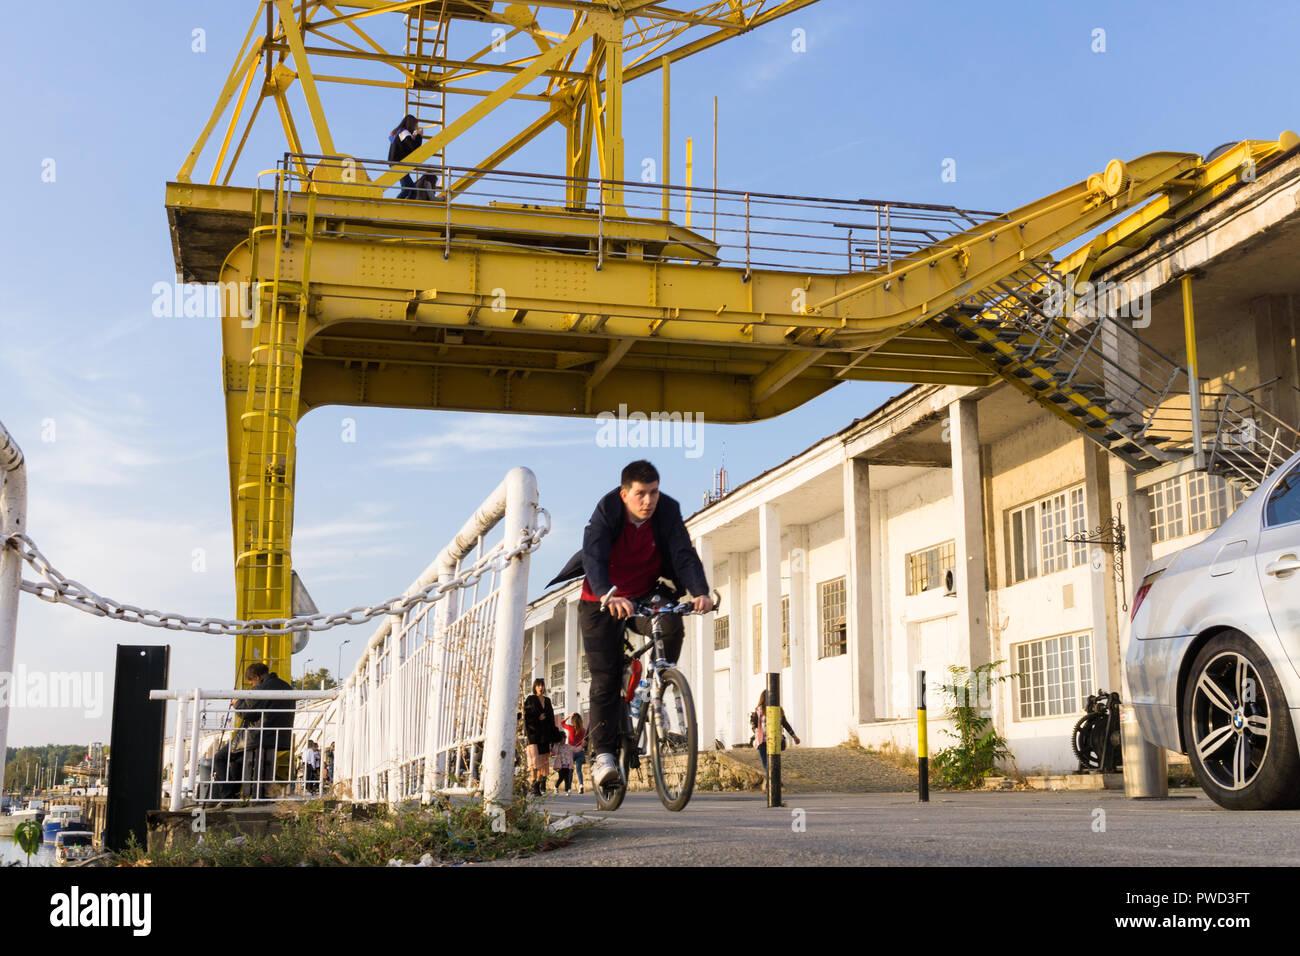 Man Radfahren entlang der Radweg auf dem Fluss Sava waterfront vorbei an dem gelben Kran der Belgrader Hafen. Stockbild